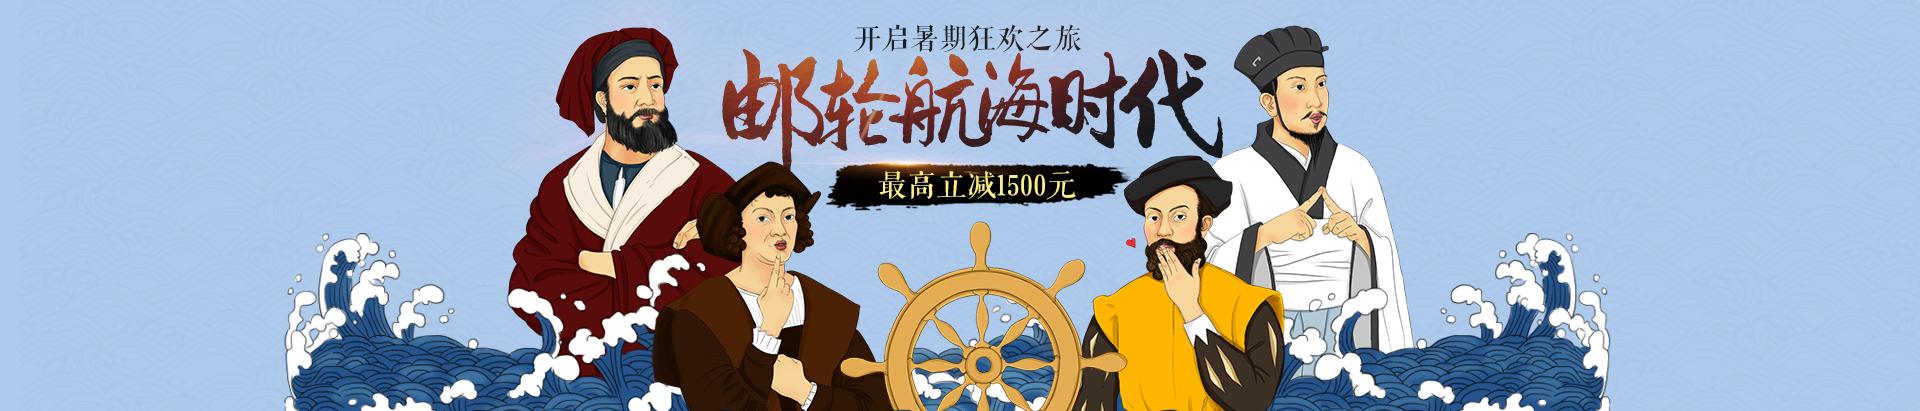 航海时代,